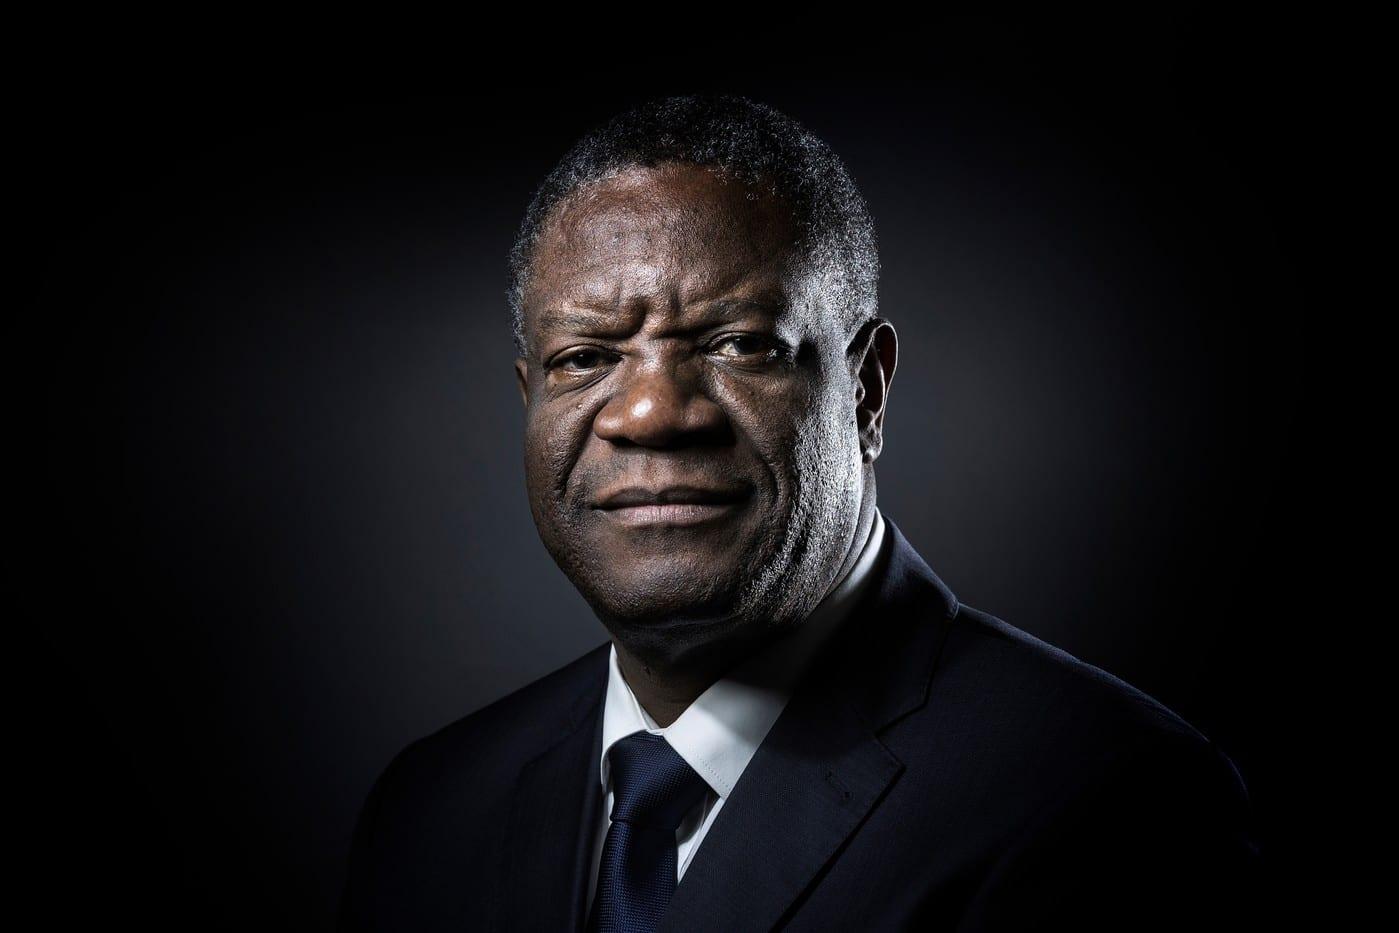 Le Dr Mukwege, Un Homme qui se Bat Pour Les Femmes